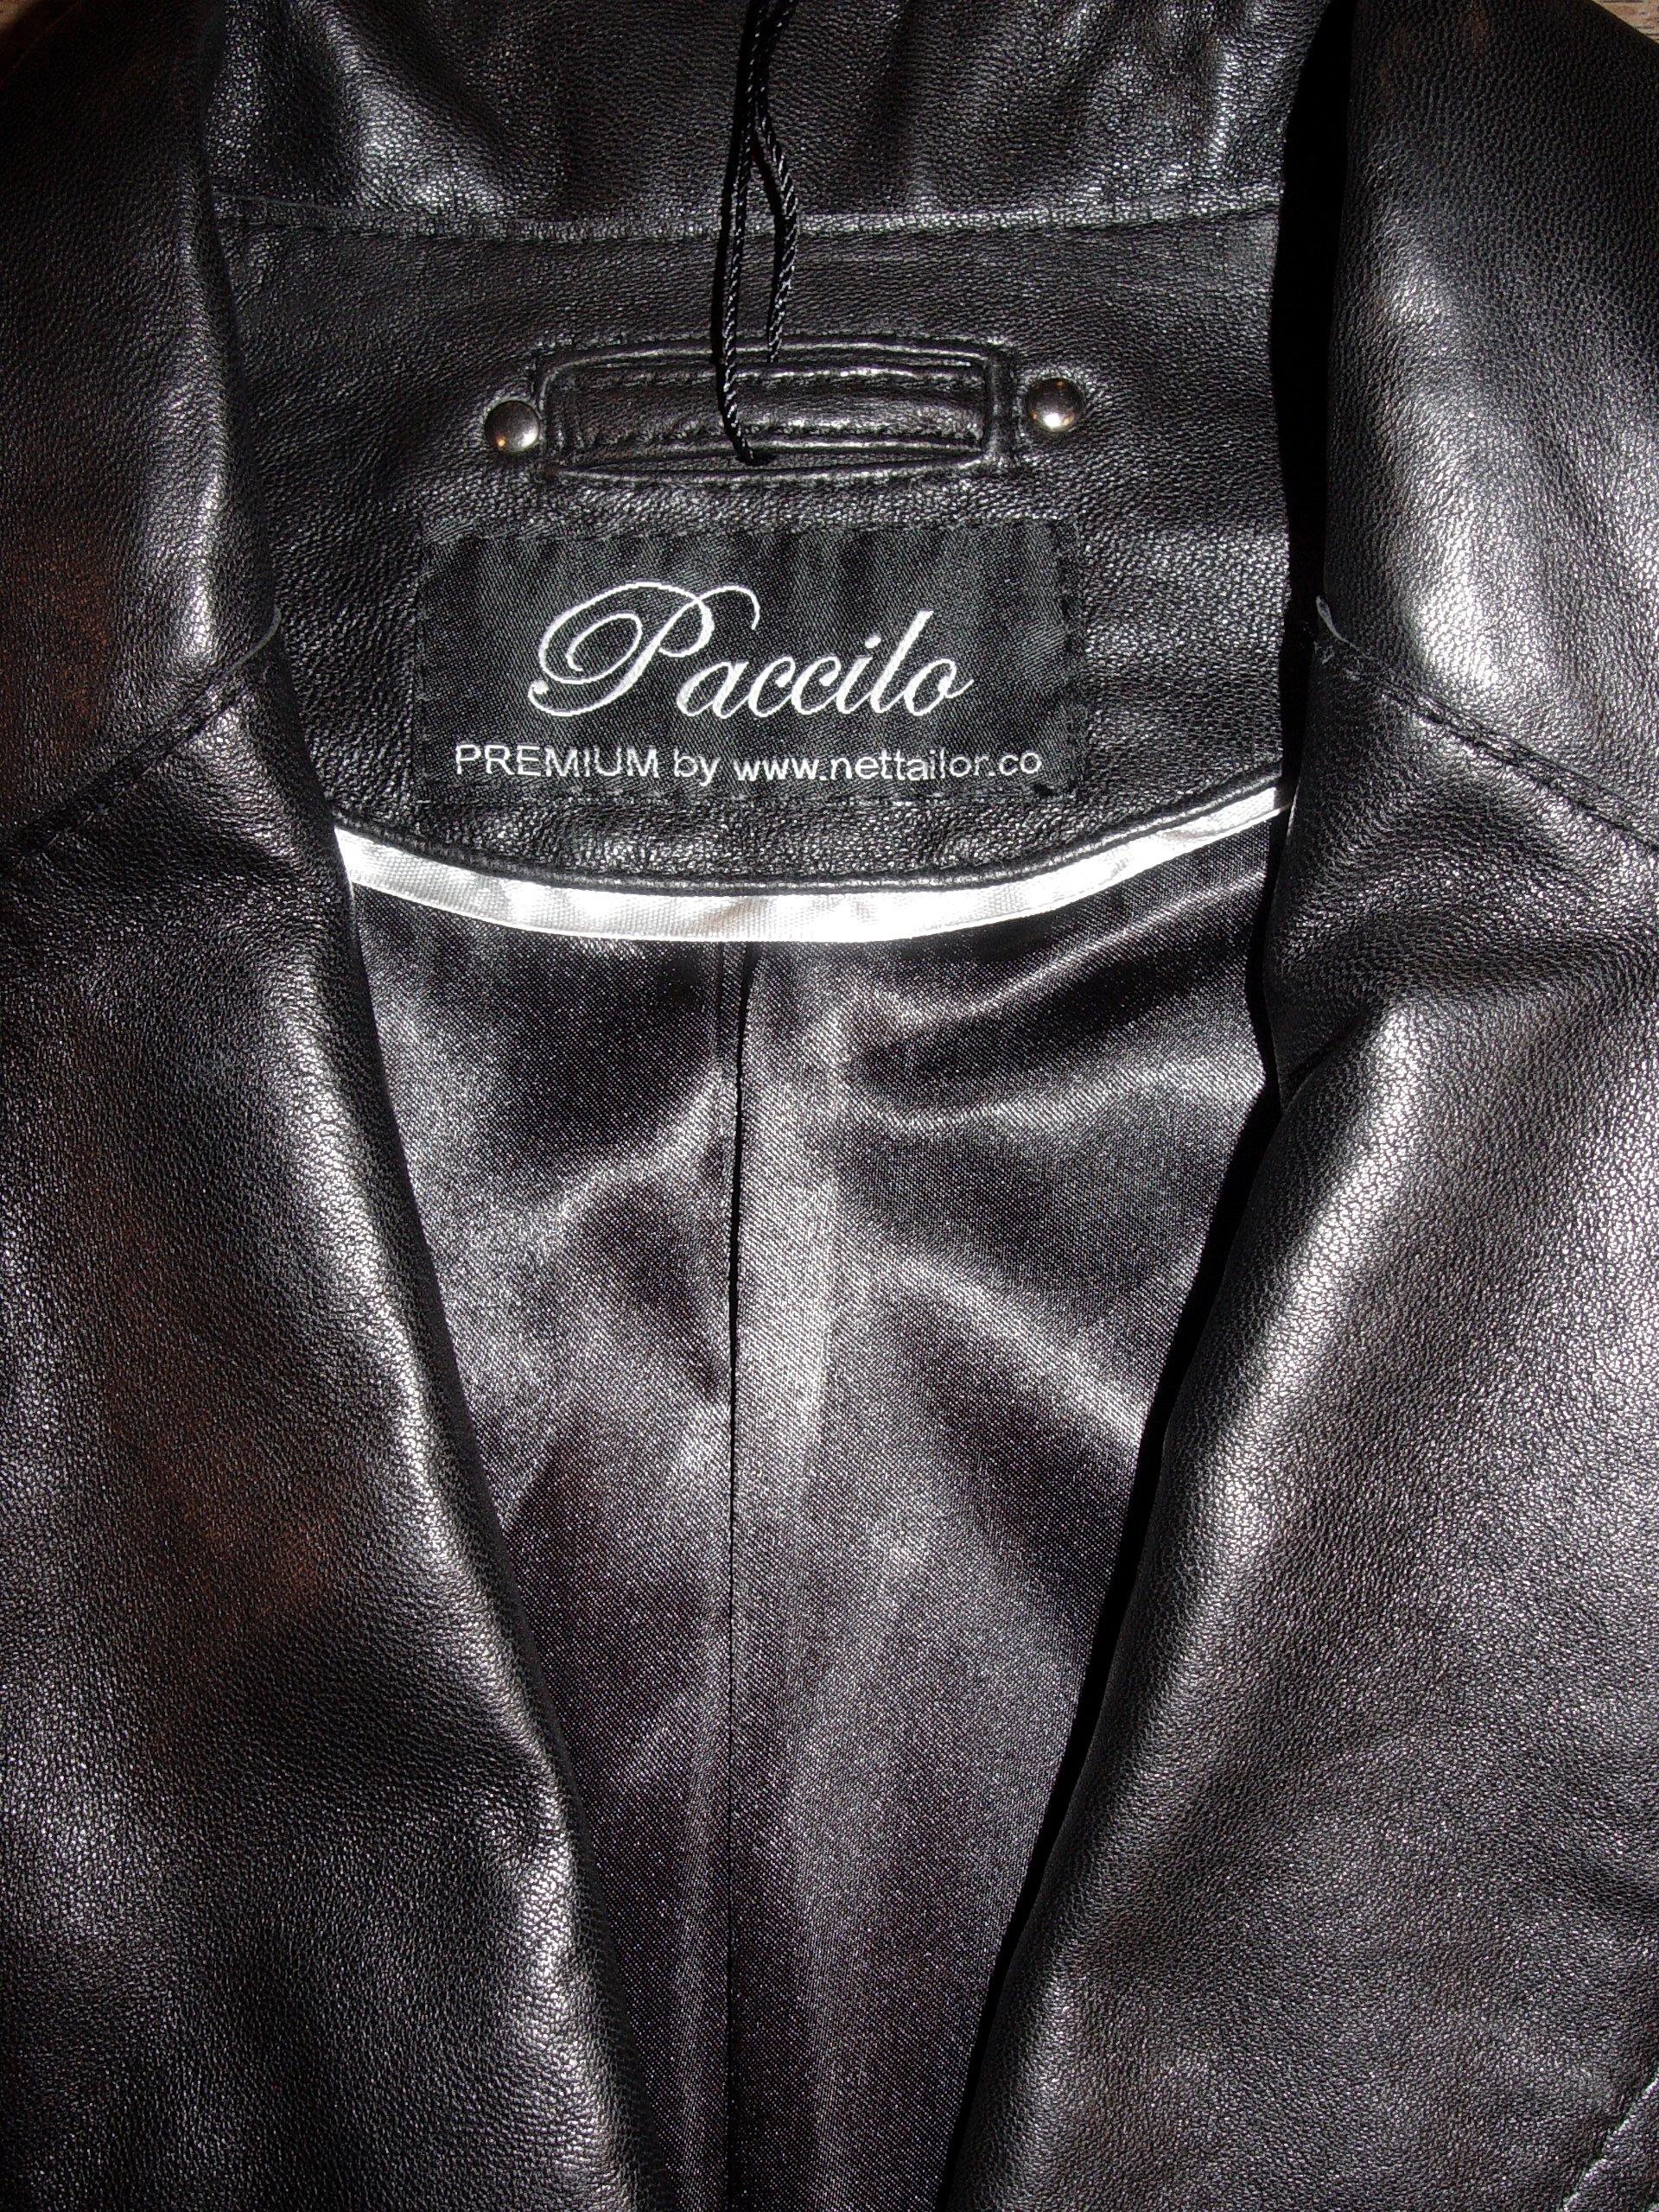 Nettailor Mens 1114 FOUR Season Wearable Leather Fancy Casual Blazer by NETTAILOR (Image #7)